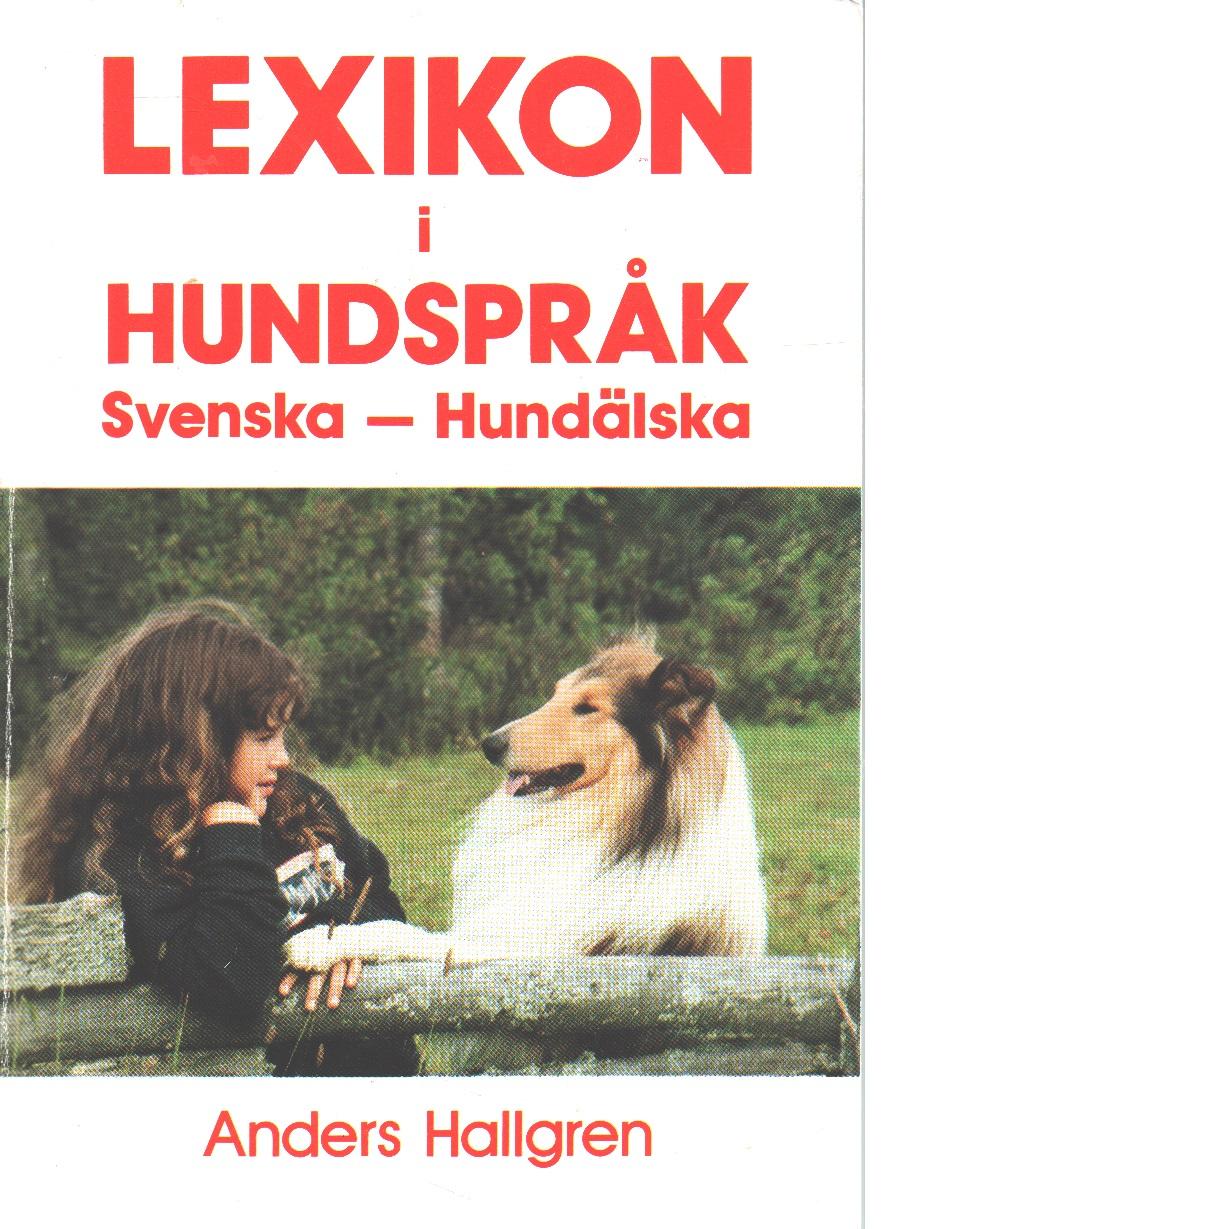 Lexikon i hundspråk : svenska - hundälska - Hallgren, Anders